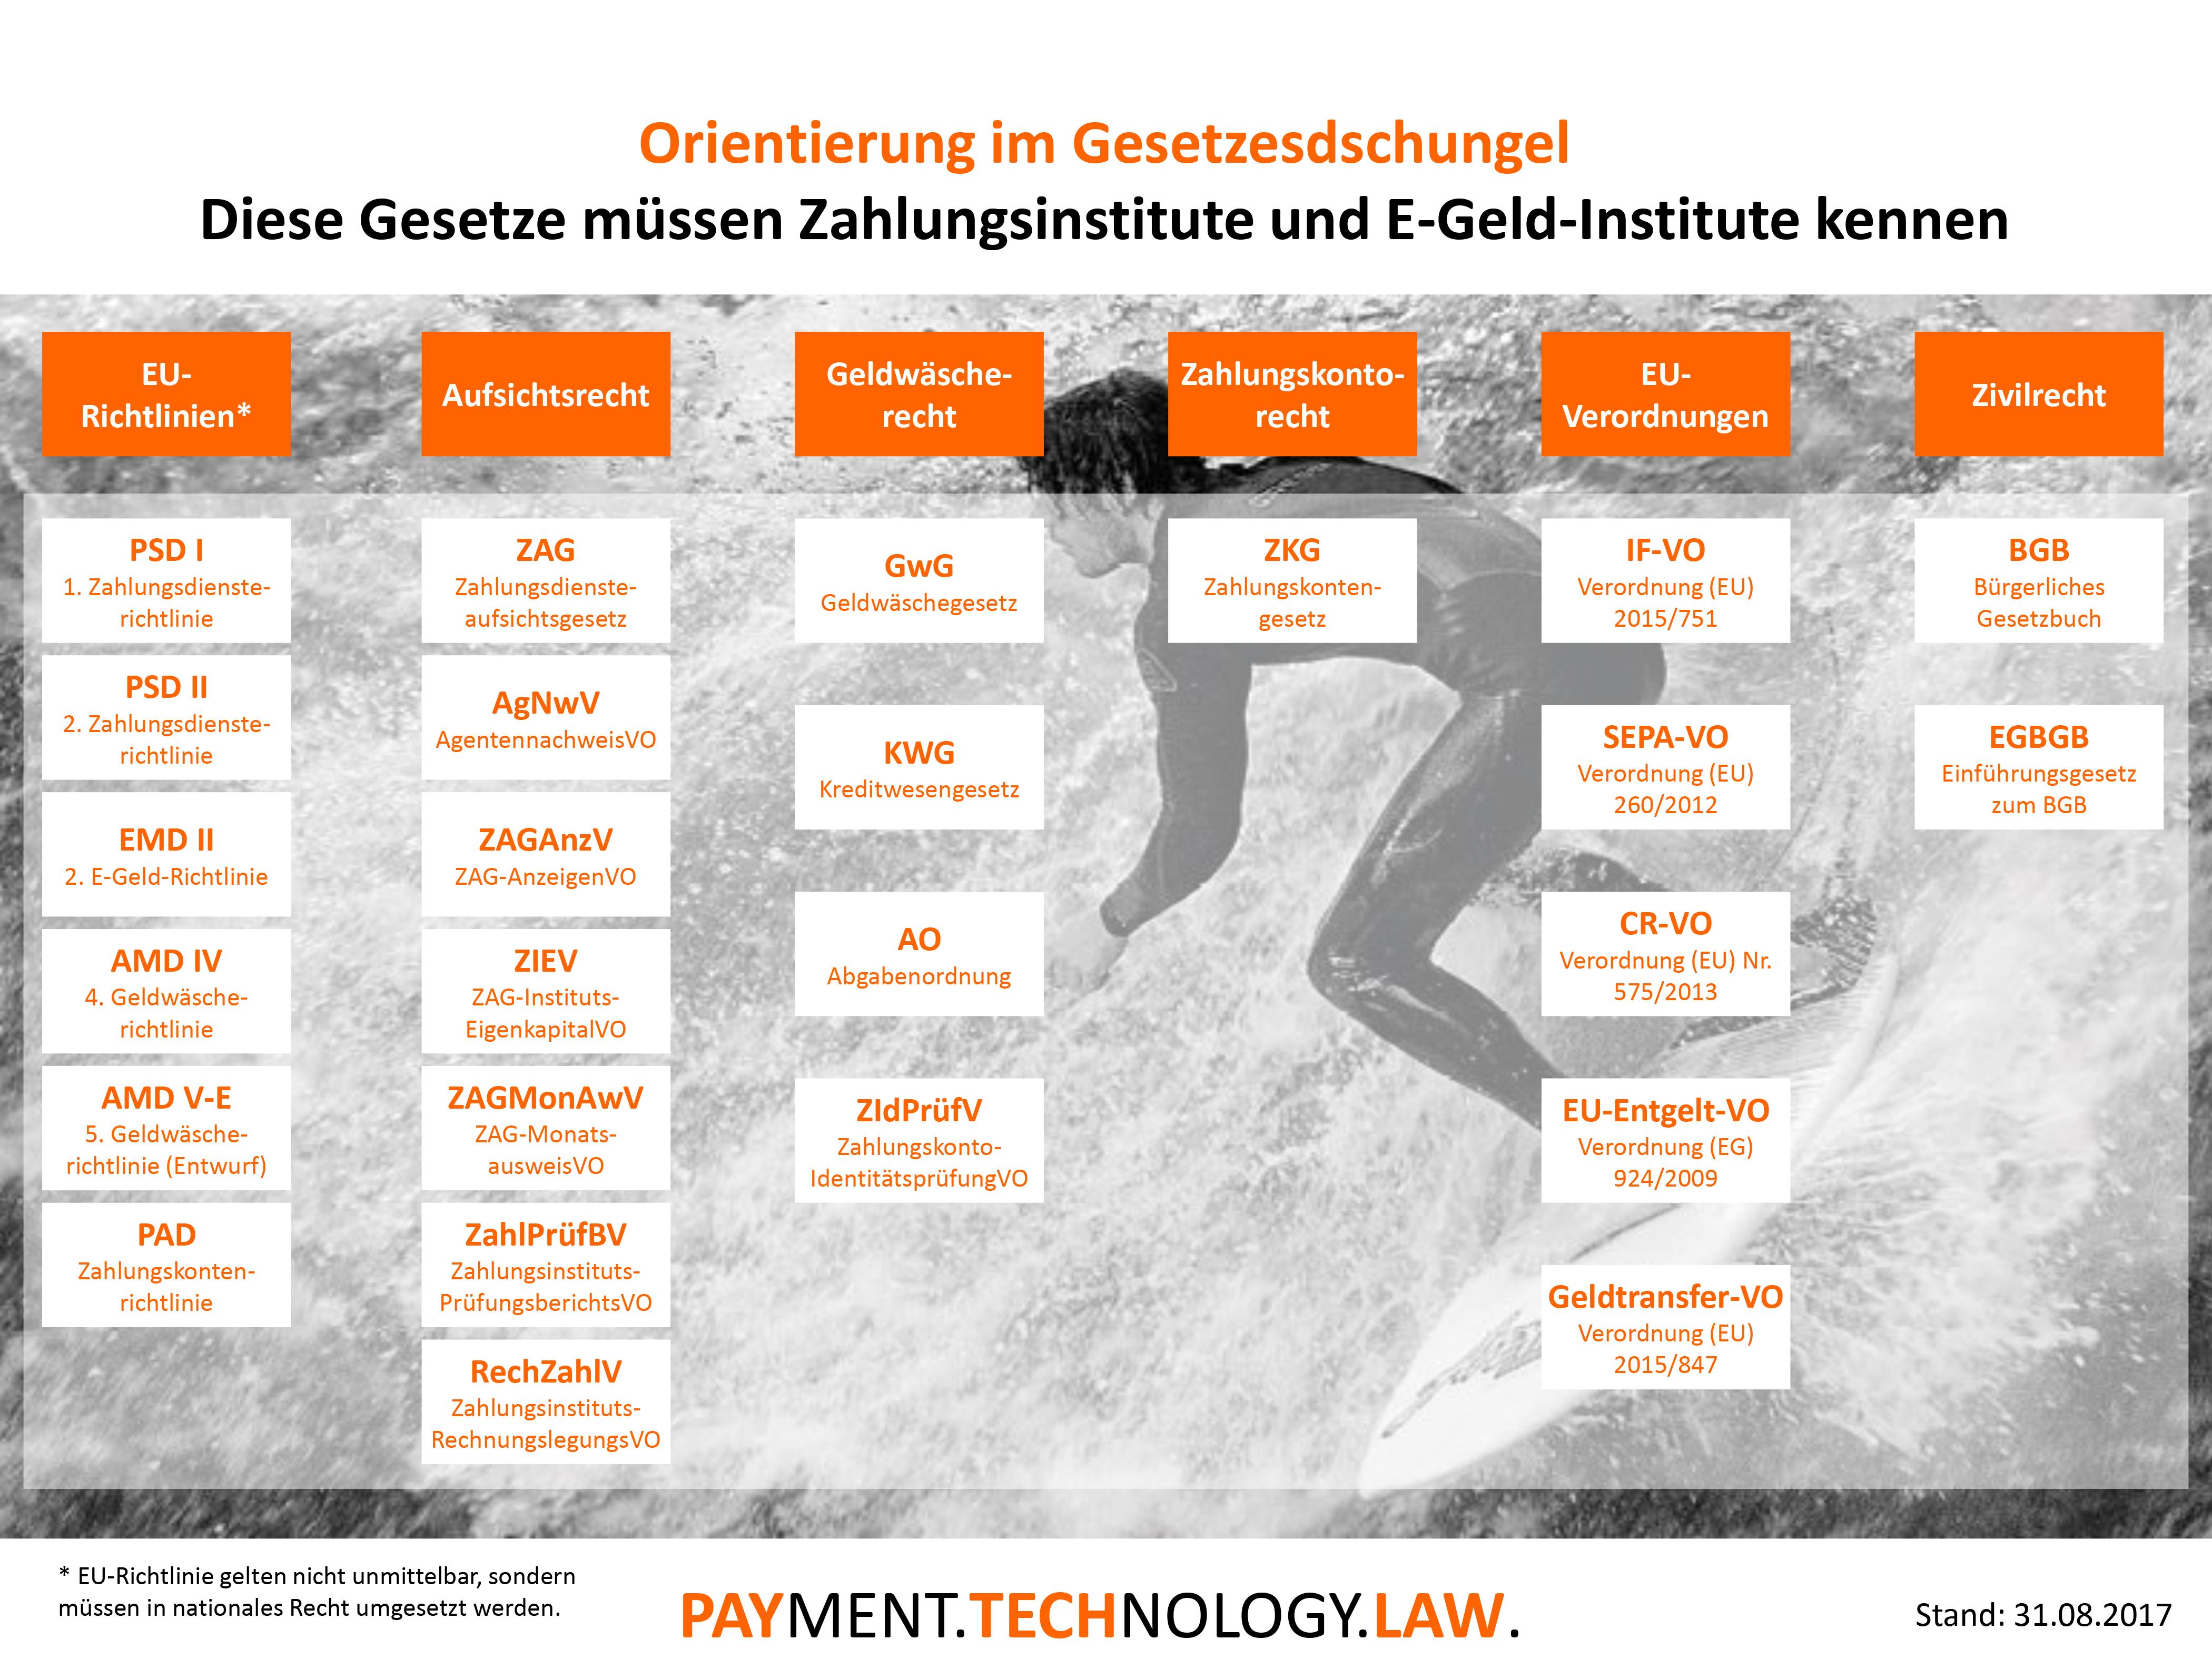 Infografik: Diese Gesetze müssen Zahlungs- und E-Geld-Institute kennen. Ein Update..